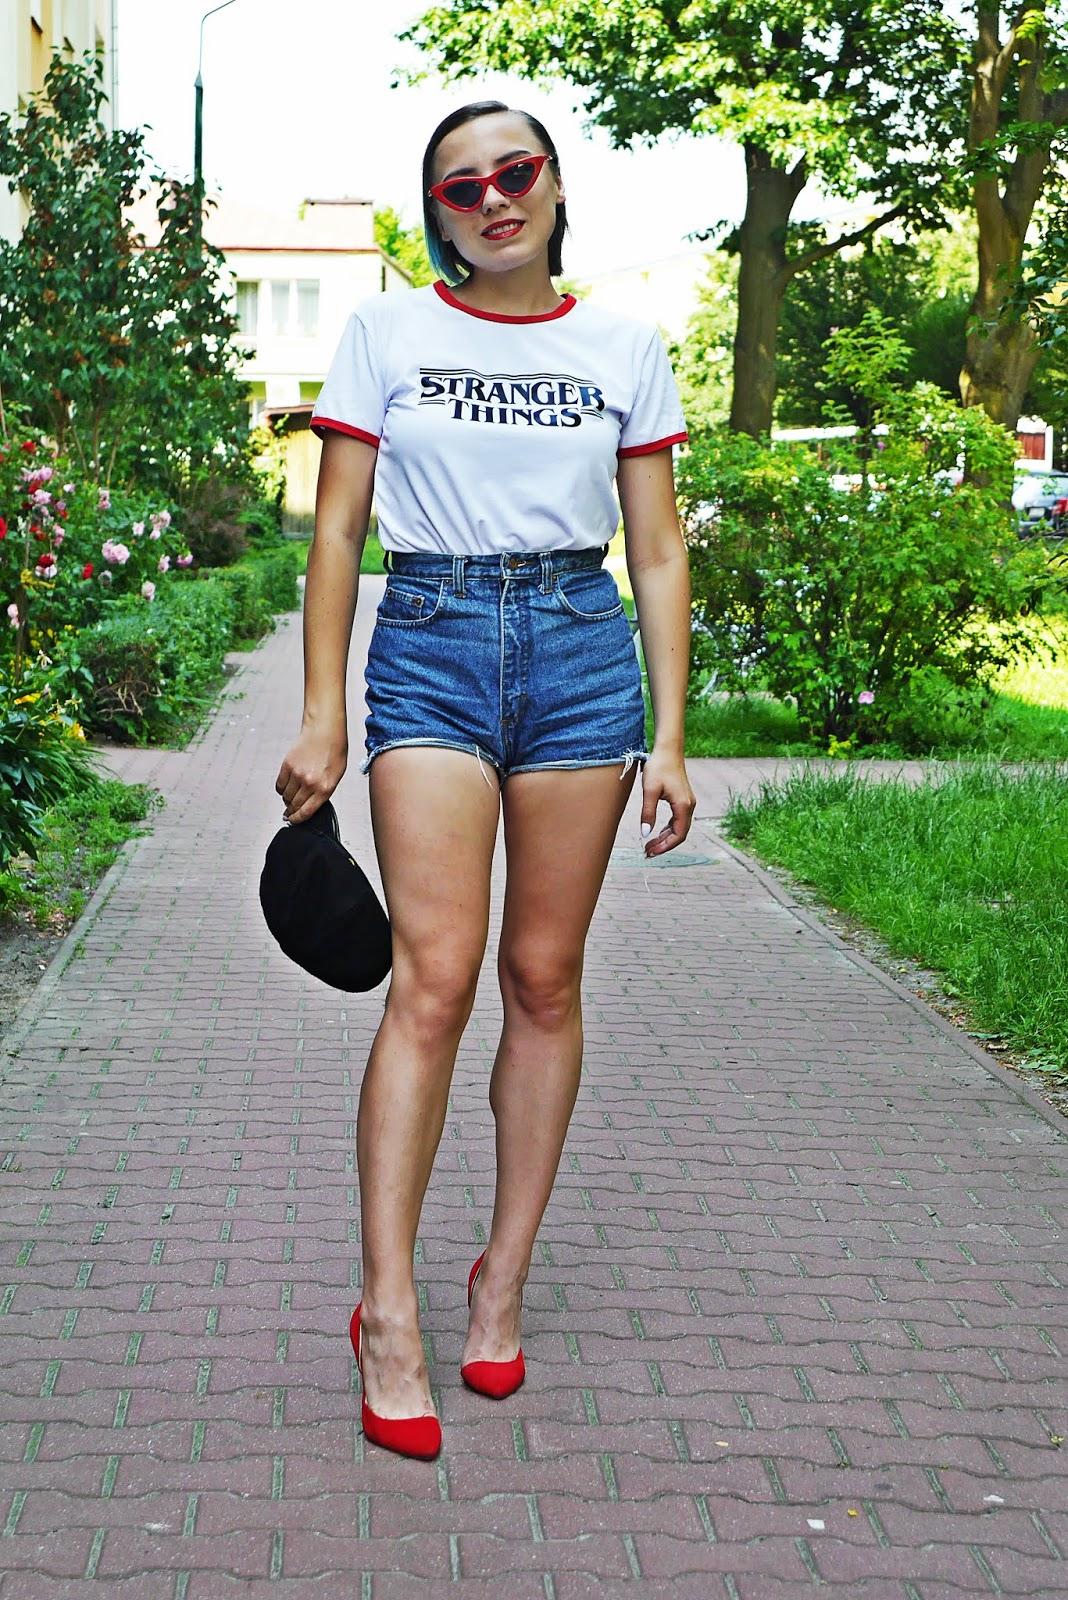 4_stranger_things_t-shirt_szorty_z-wysokim_stanem_czerwone_okulary_trojkaty_karyn_blog_modowy_040618